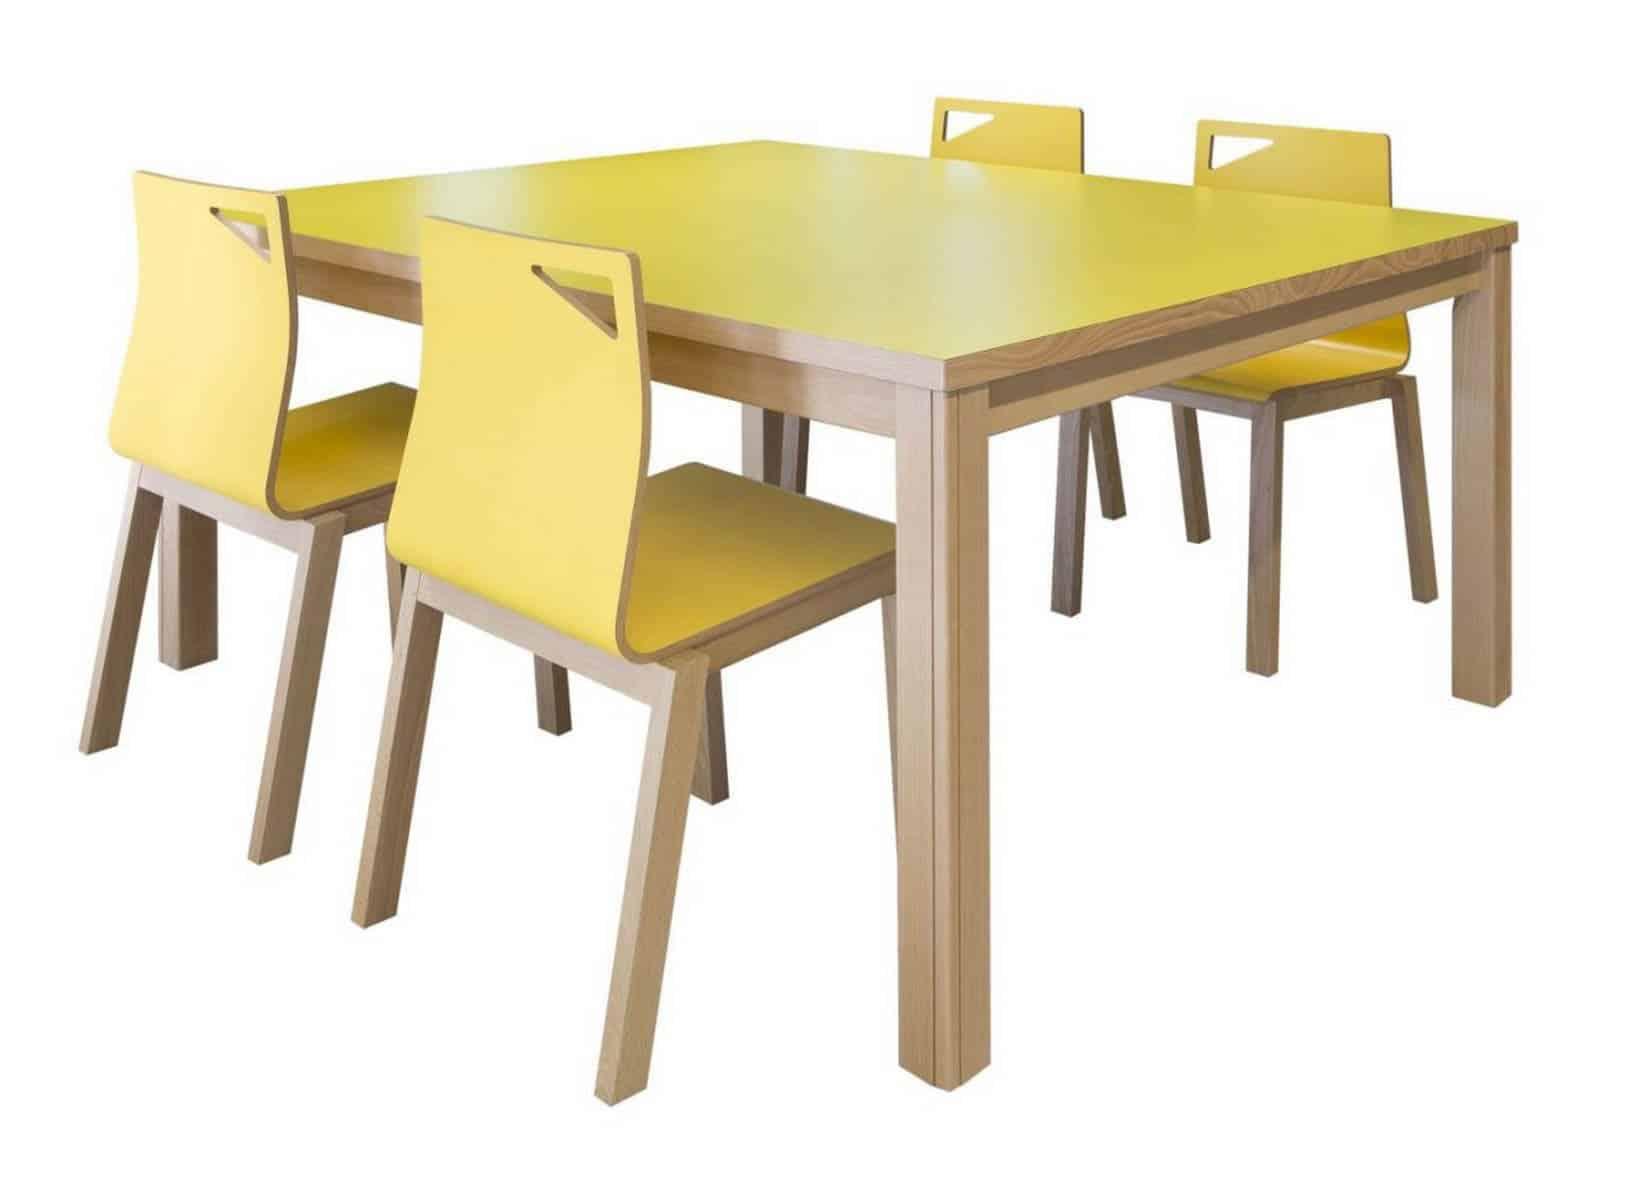 METALUNDIA BRECHT Une table qui apporte une touche chaleureuse e